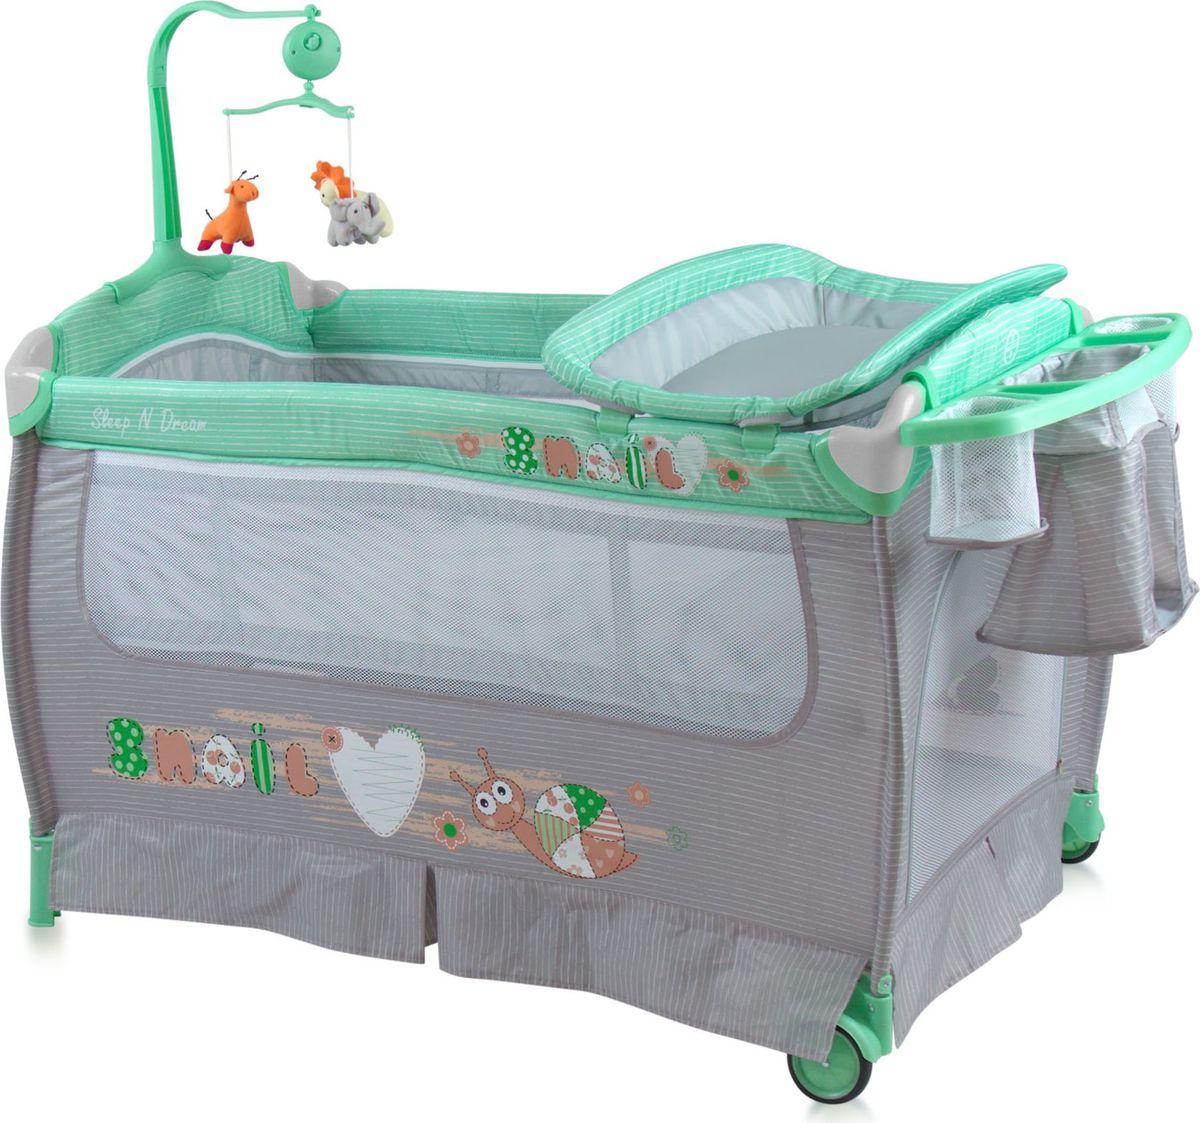 Lorelli Манеж-кроватка Sleep'N'Dream цвет зеленый серый -  Детская комната